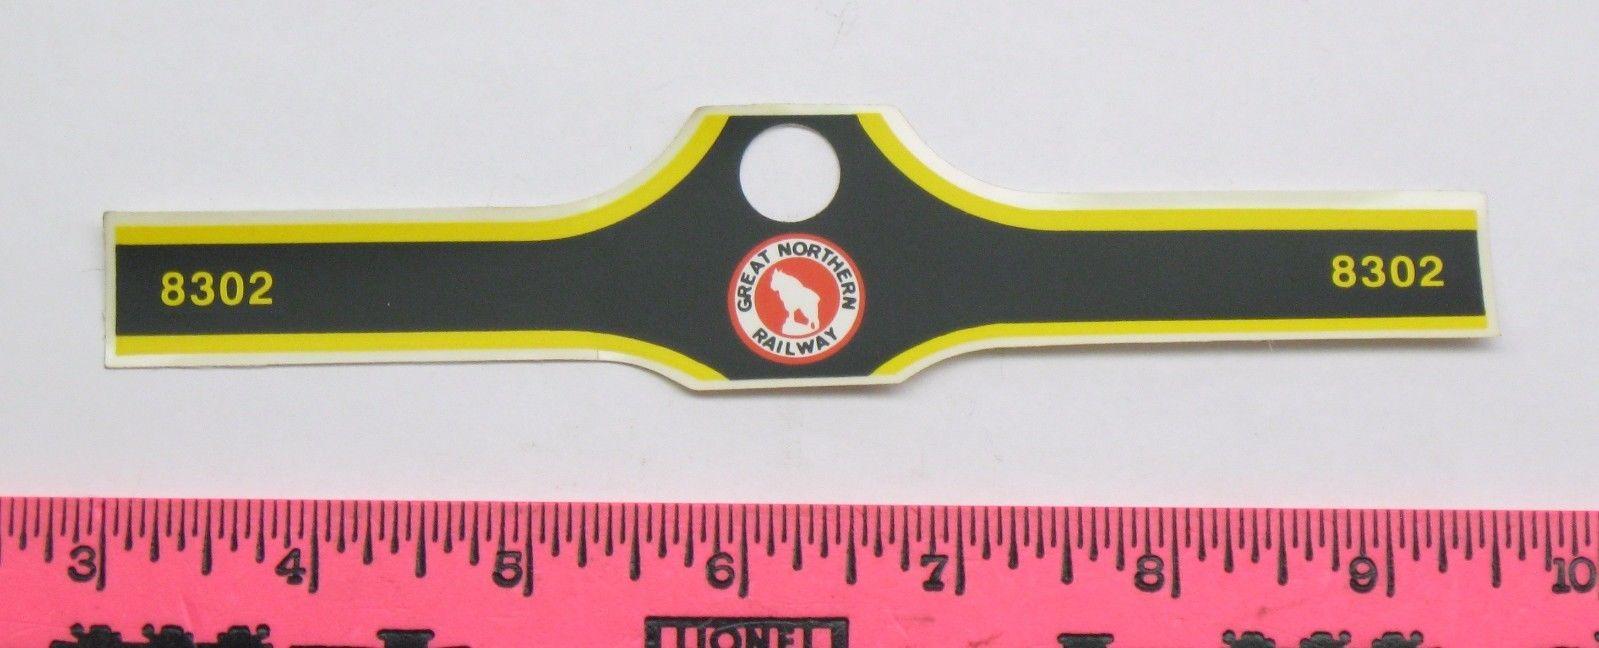 Lionel part ~8302 Great Northern Railway sticker decal